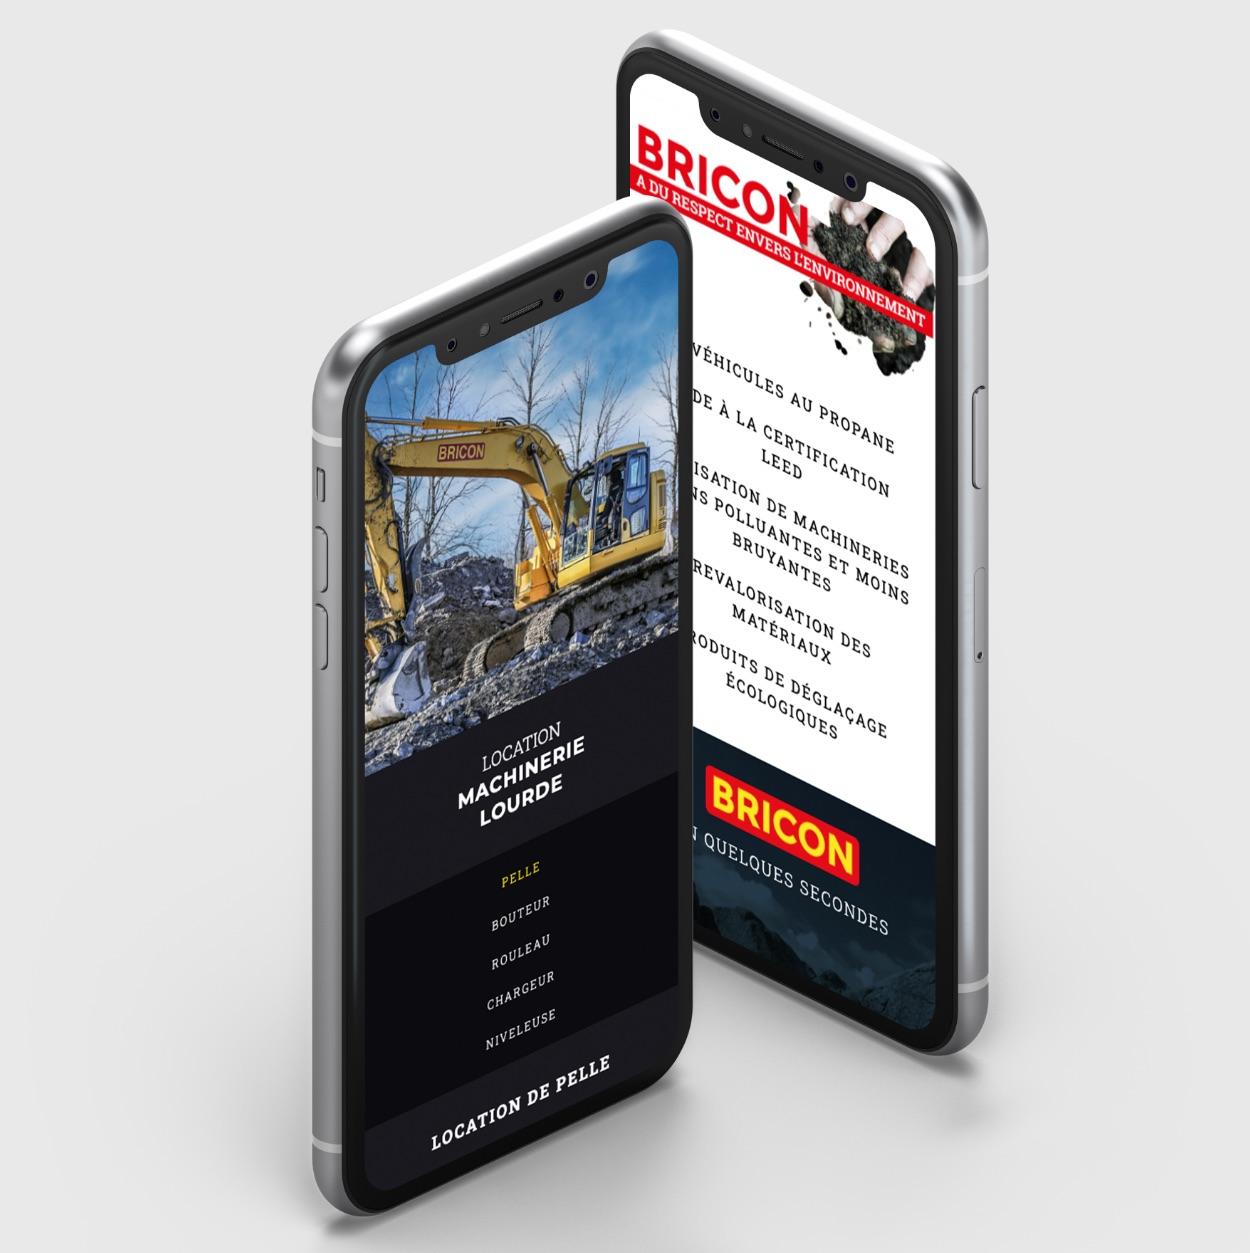 Concept visuel réactif | Mobile-first | Deisng adaptatif